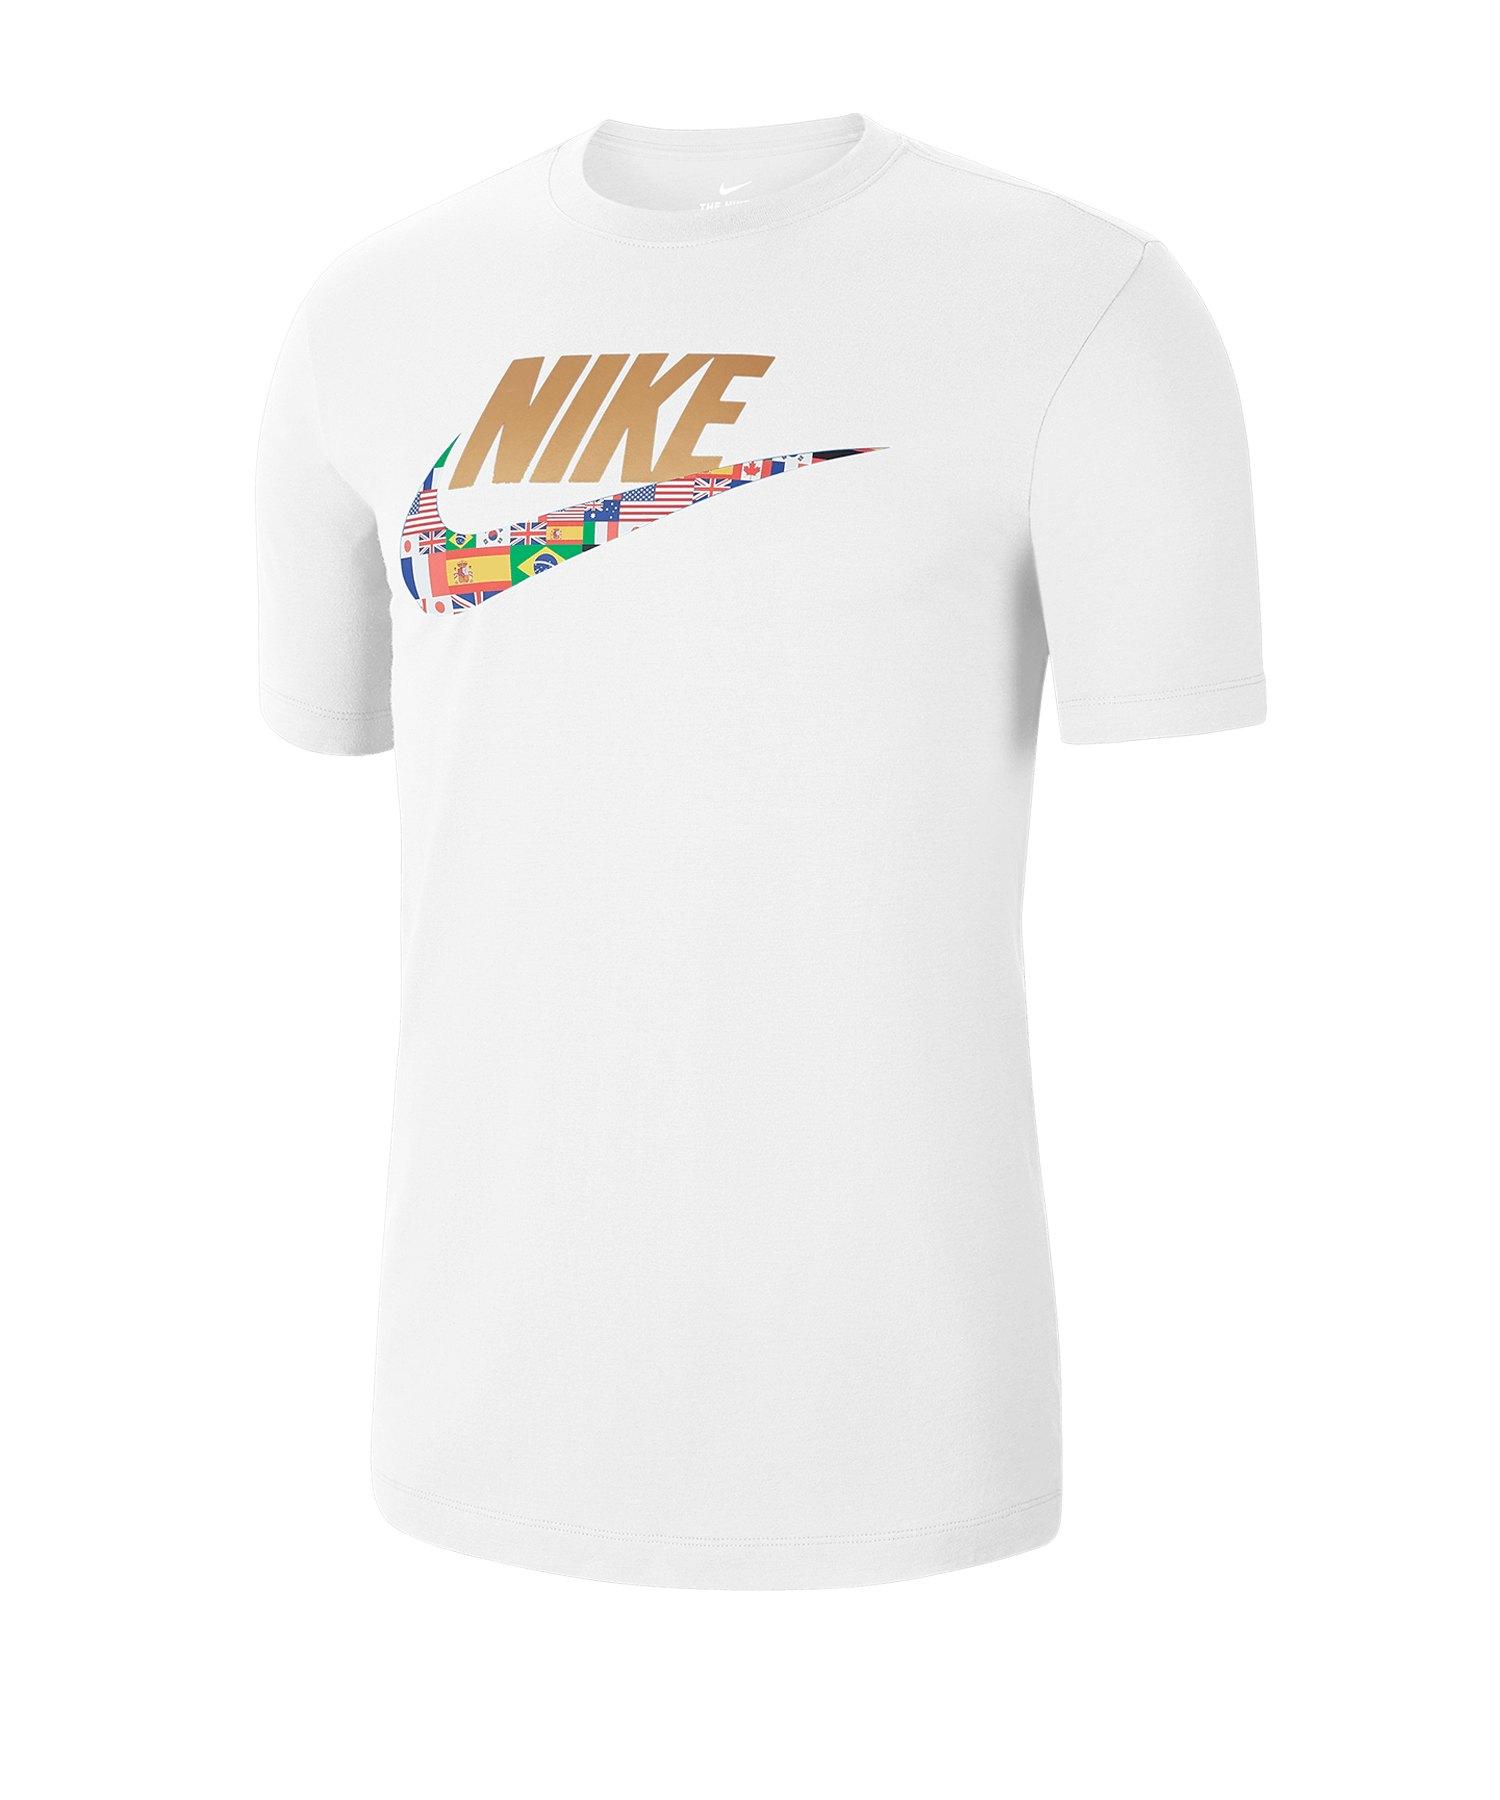 Nike Preheat Tee T-Shirt Weiss F100 - weiss